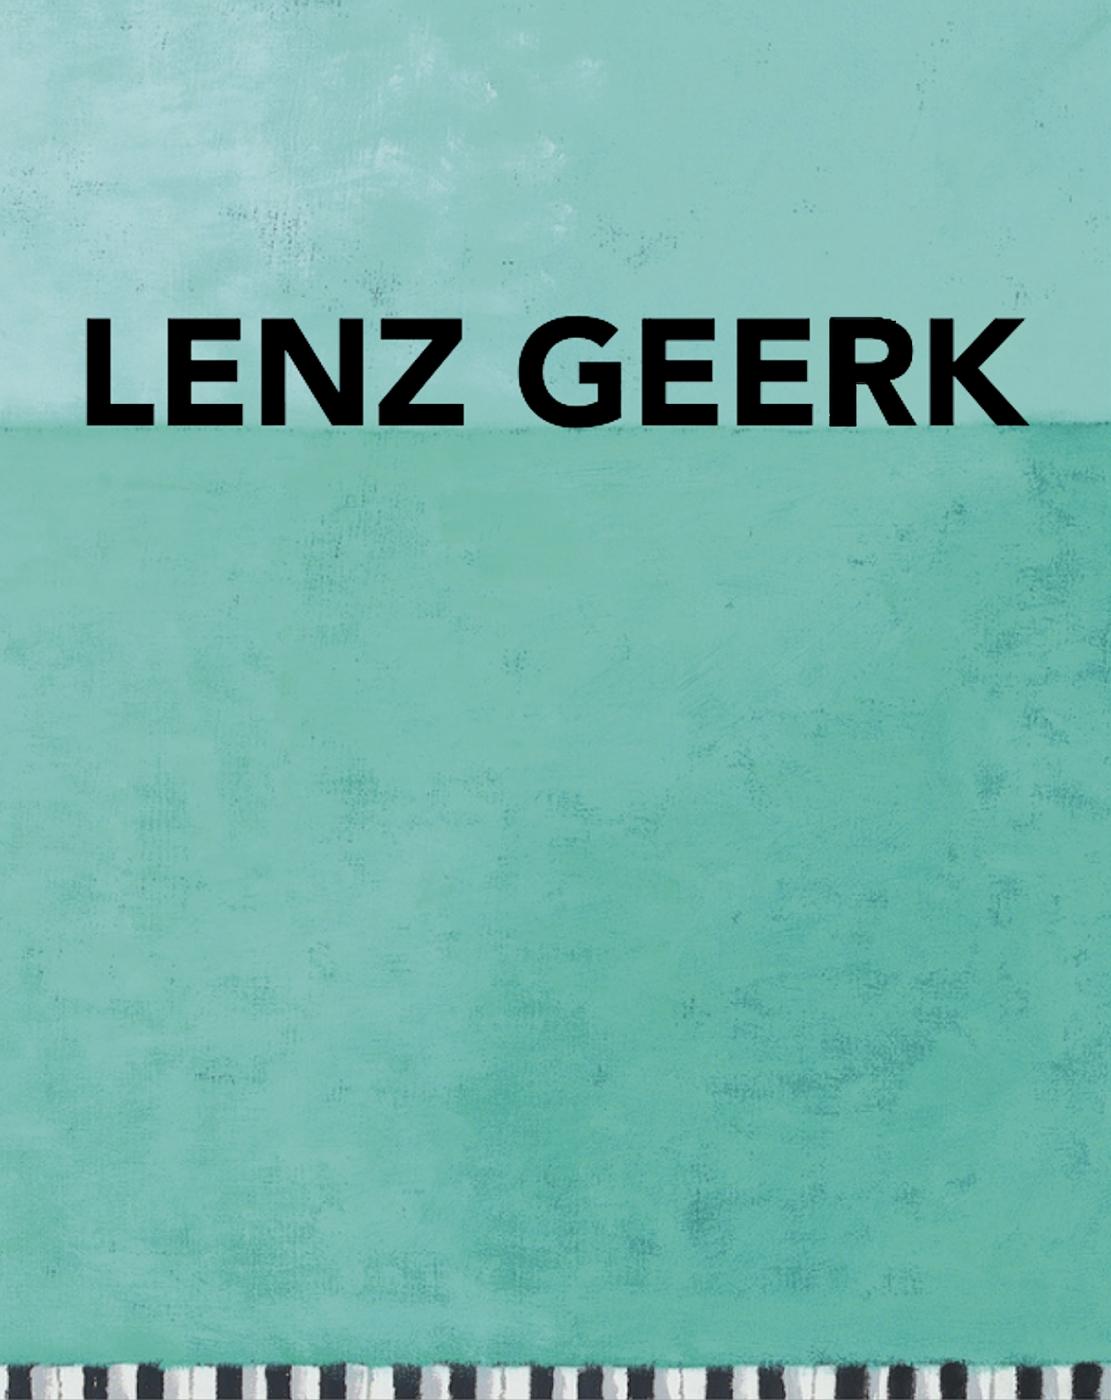 Lenz Geerk